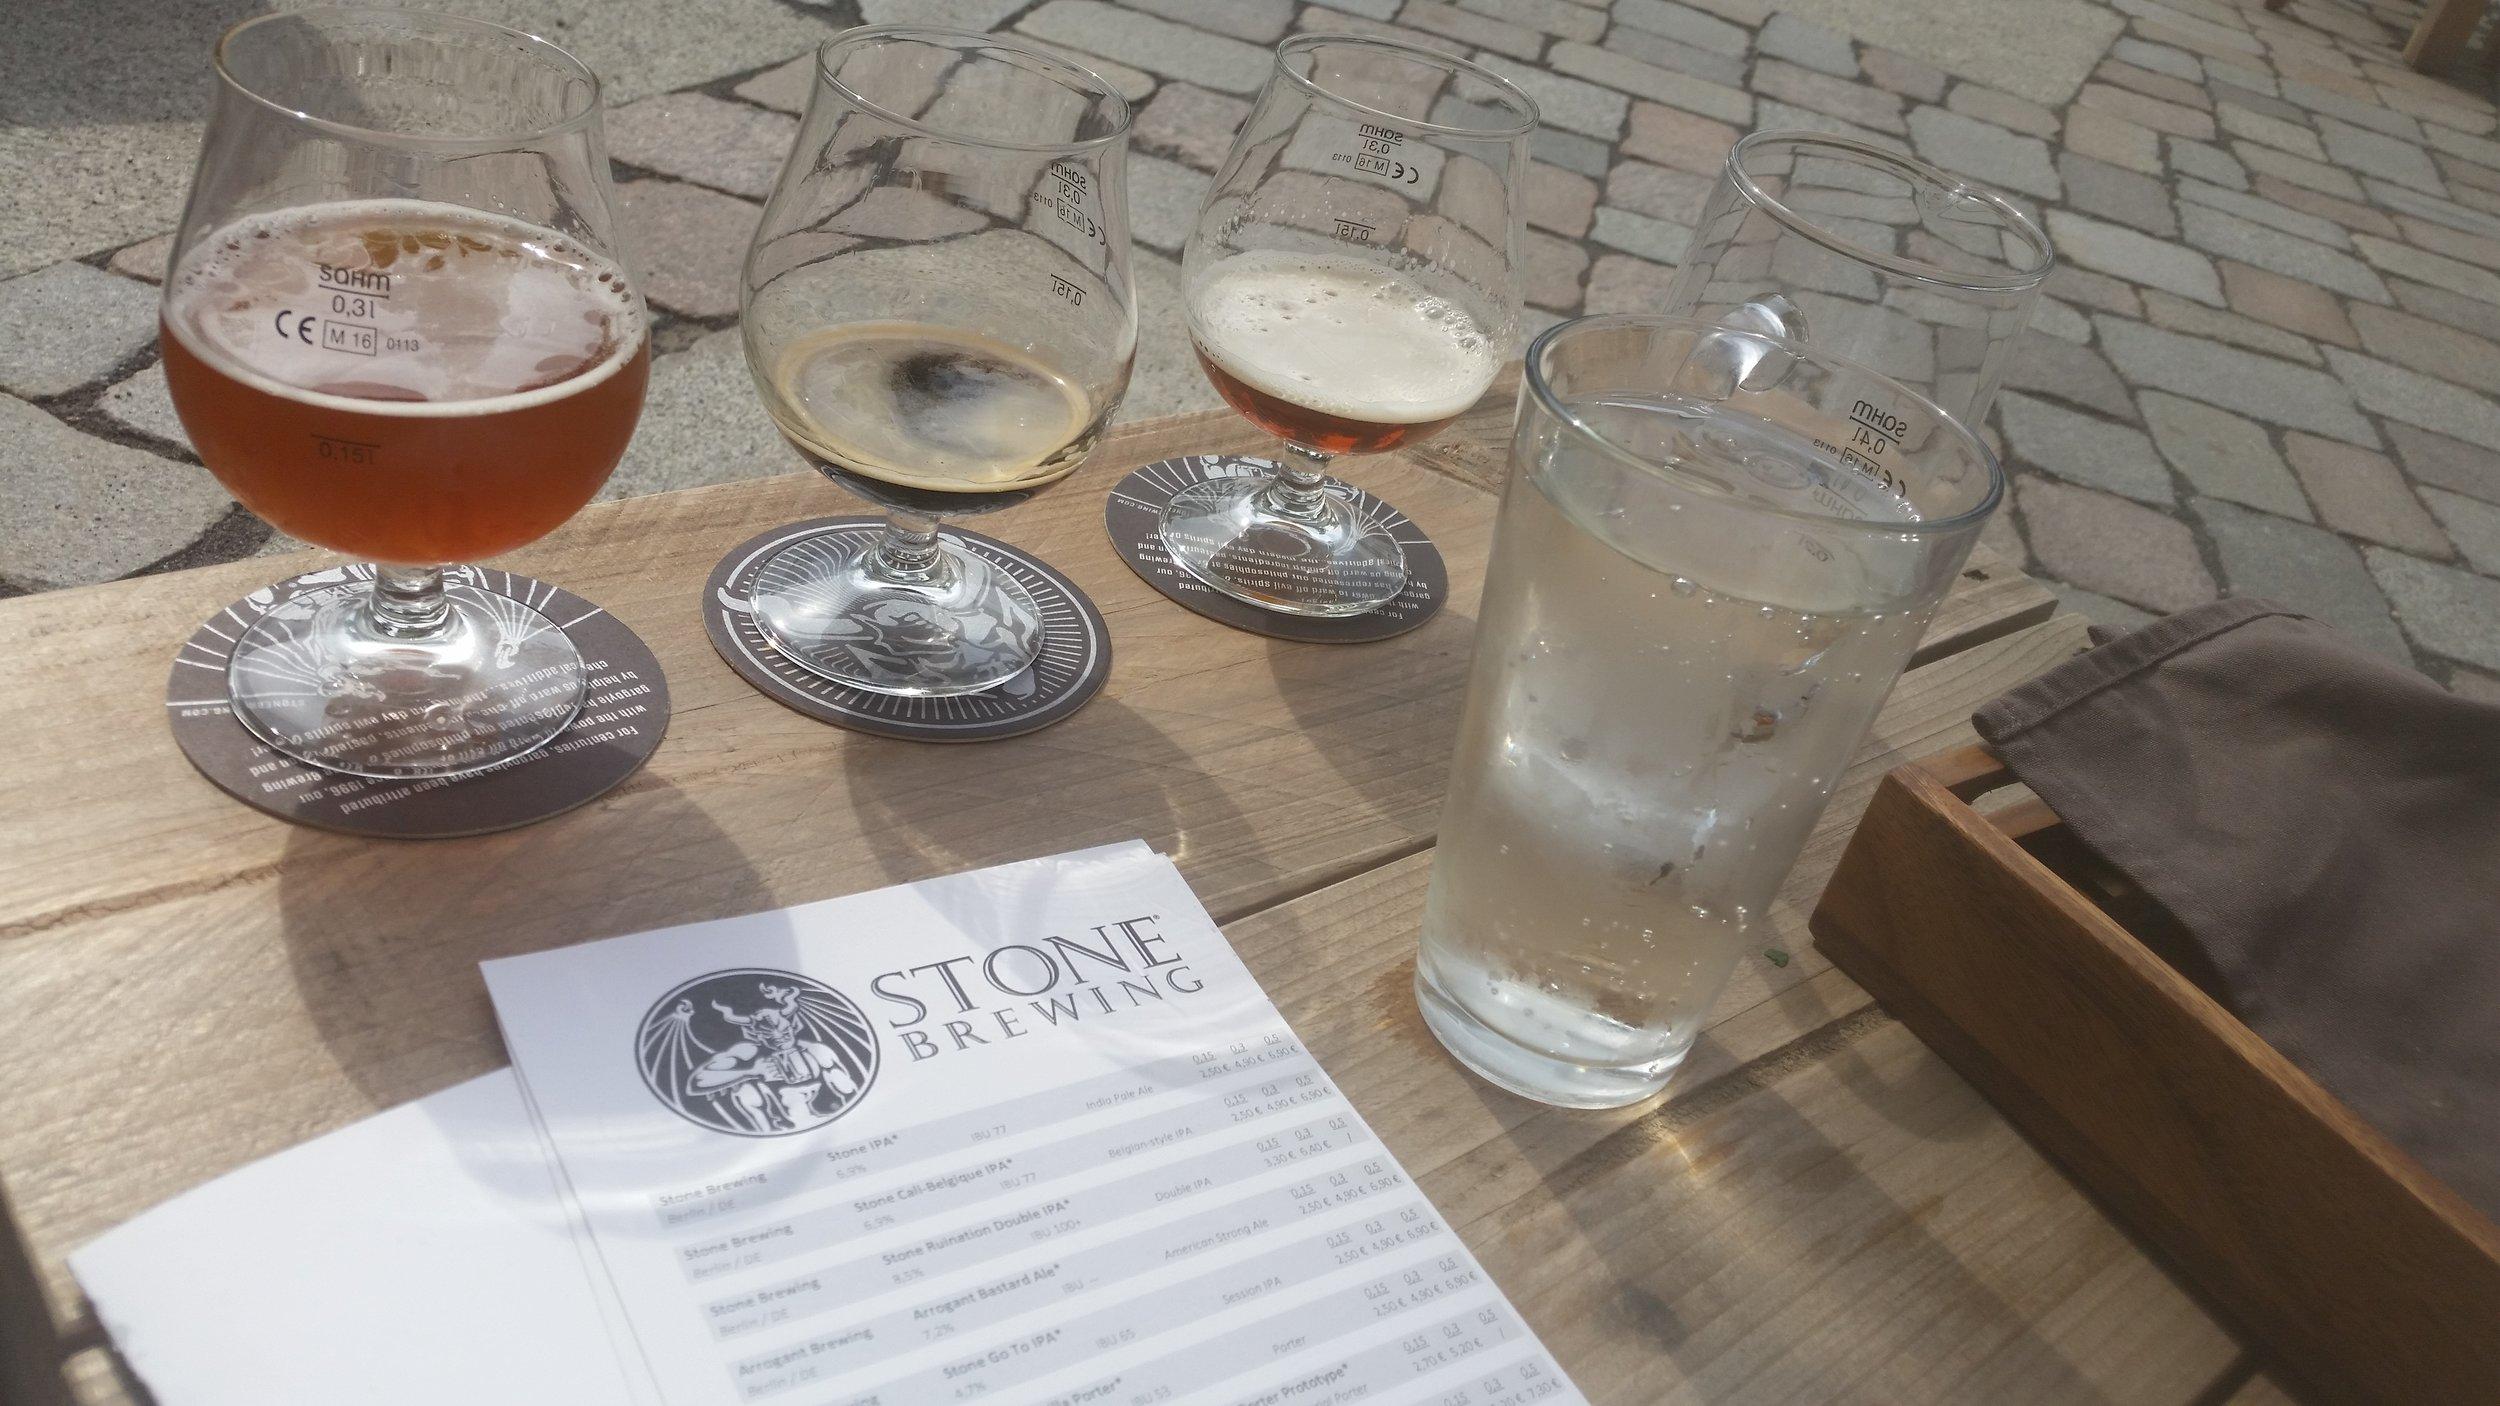 Stone-berlin-elvis-juice-mocha-IPA